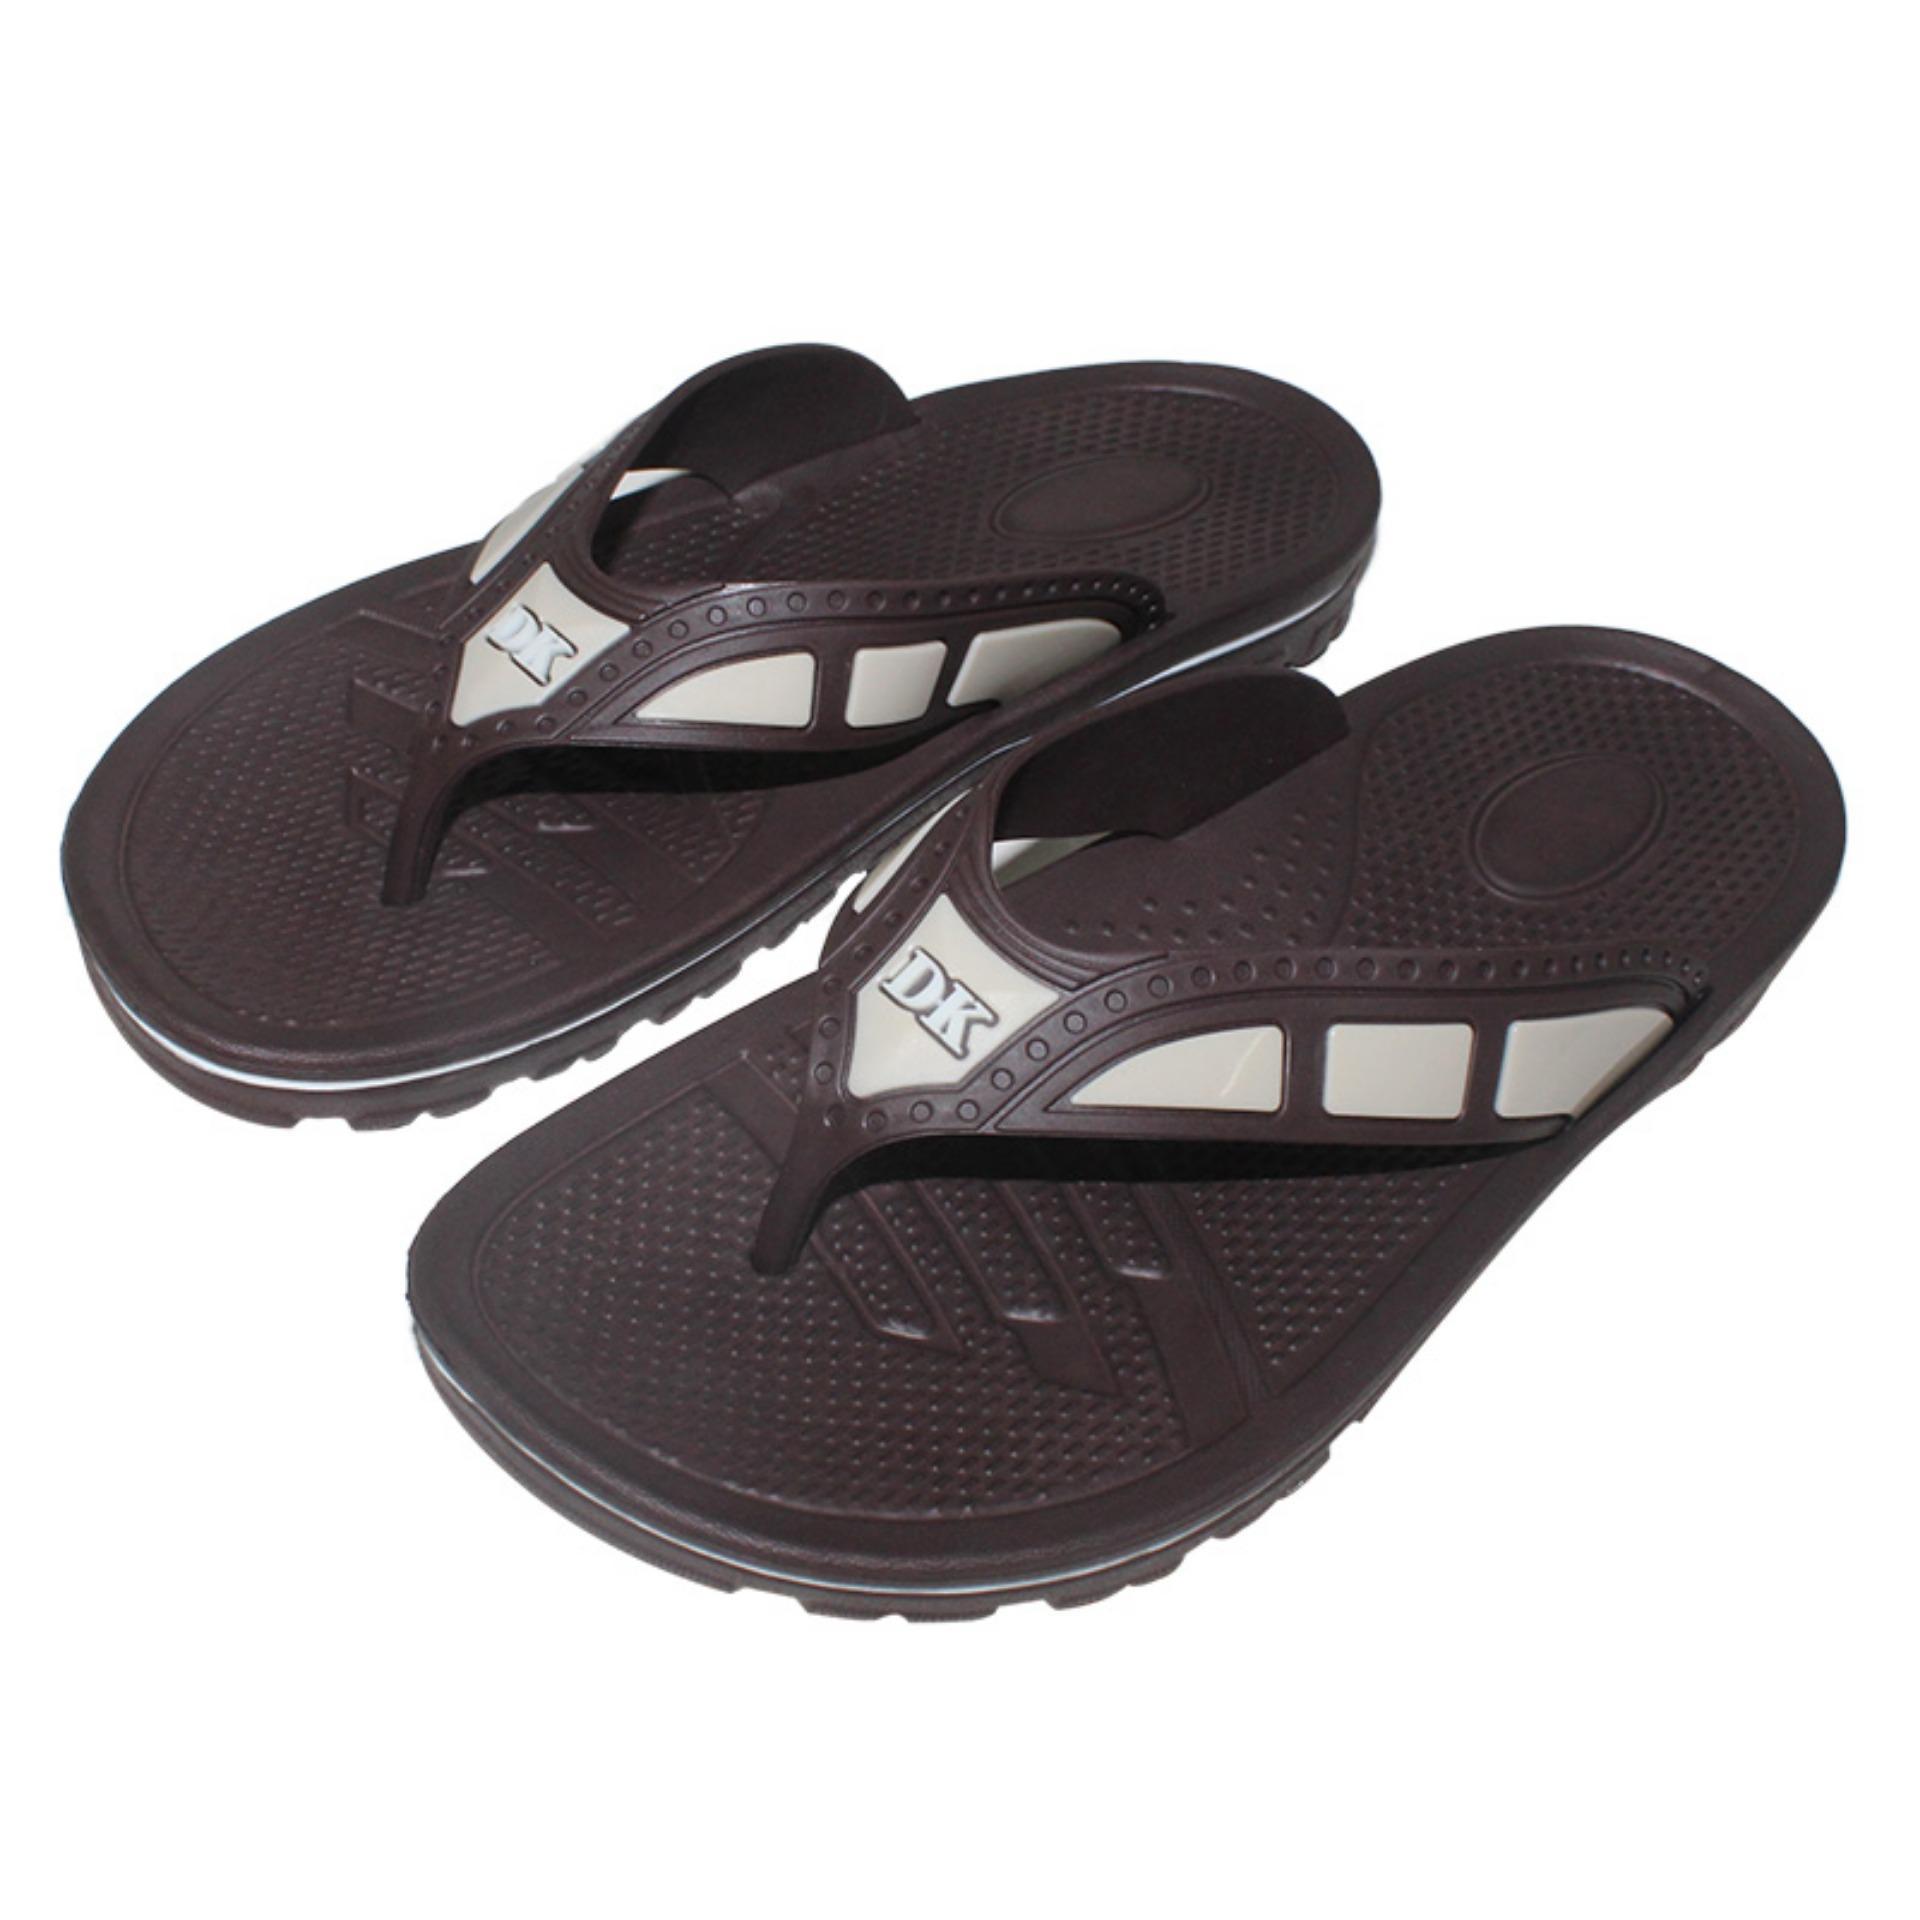 EELIC SJK-513 COKLAT Sandal Jepit Karet Nyaman Dipakai Dan Anti Selip